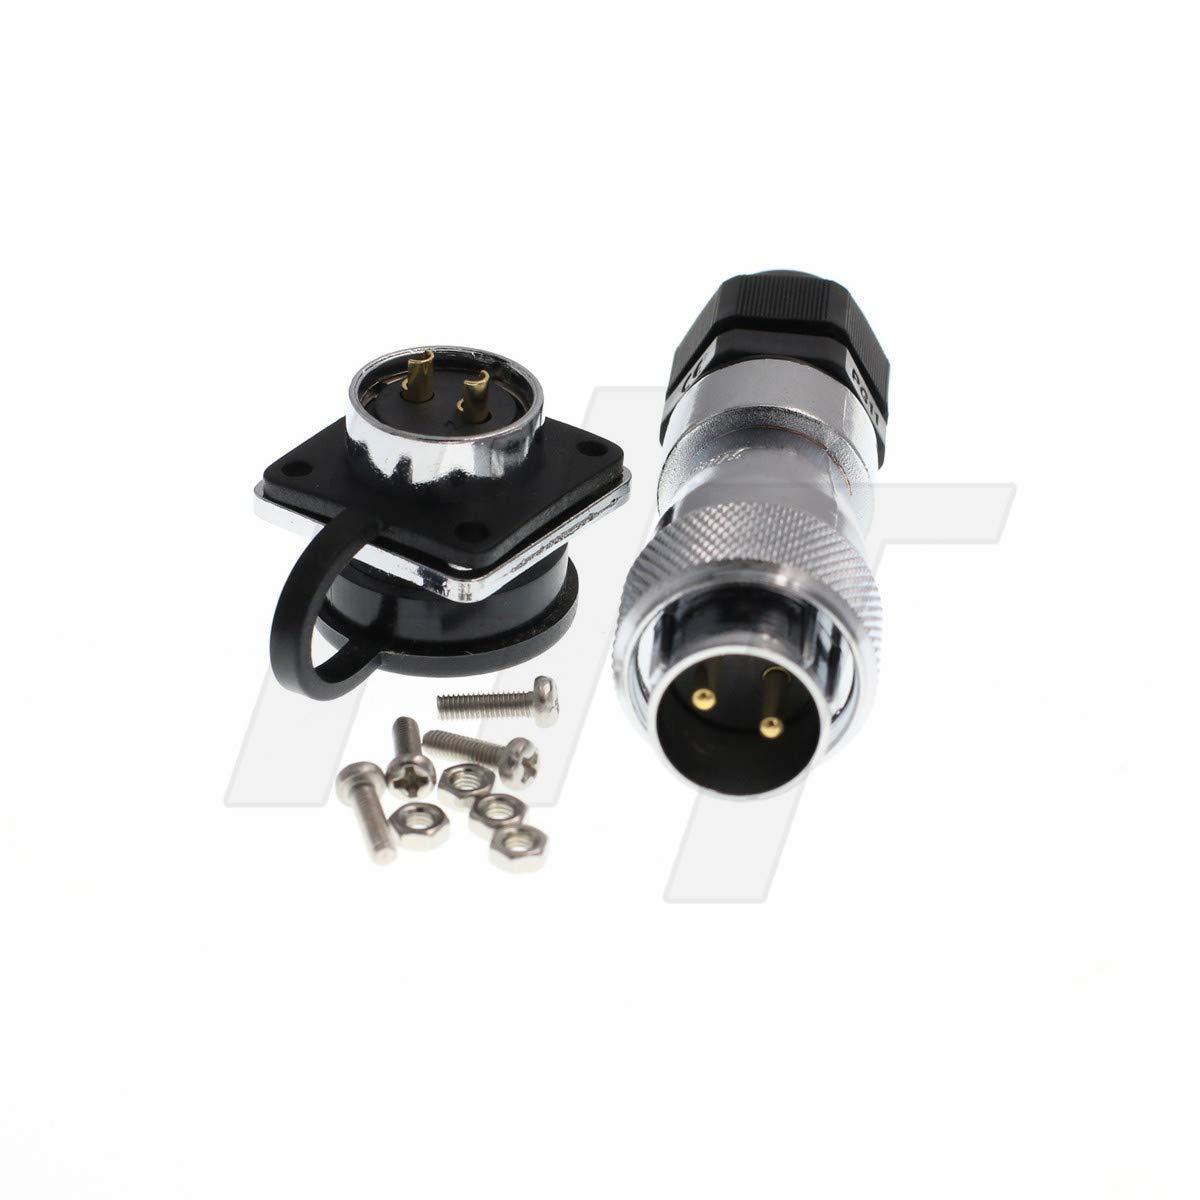 HangTon HF20 Circular Plug Panel Chassis Socket Metal Industrial Power Connector PG11 2 pin 500V 25A